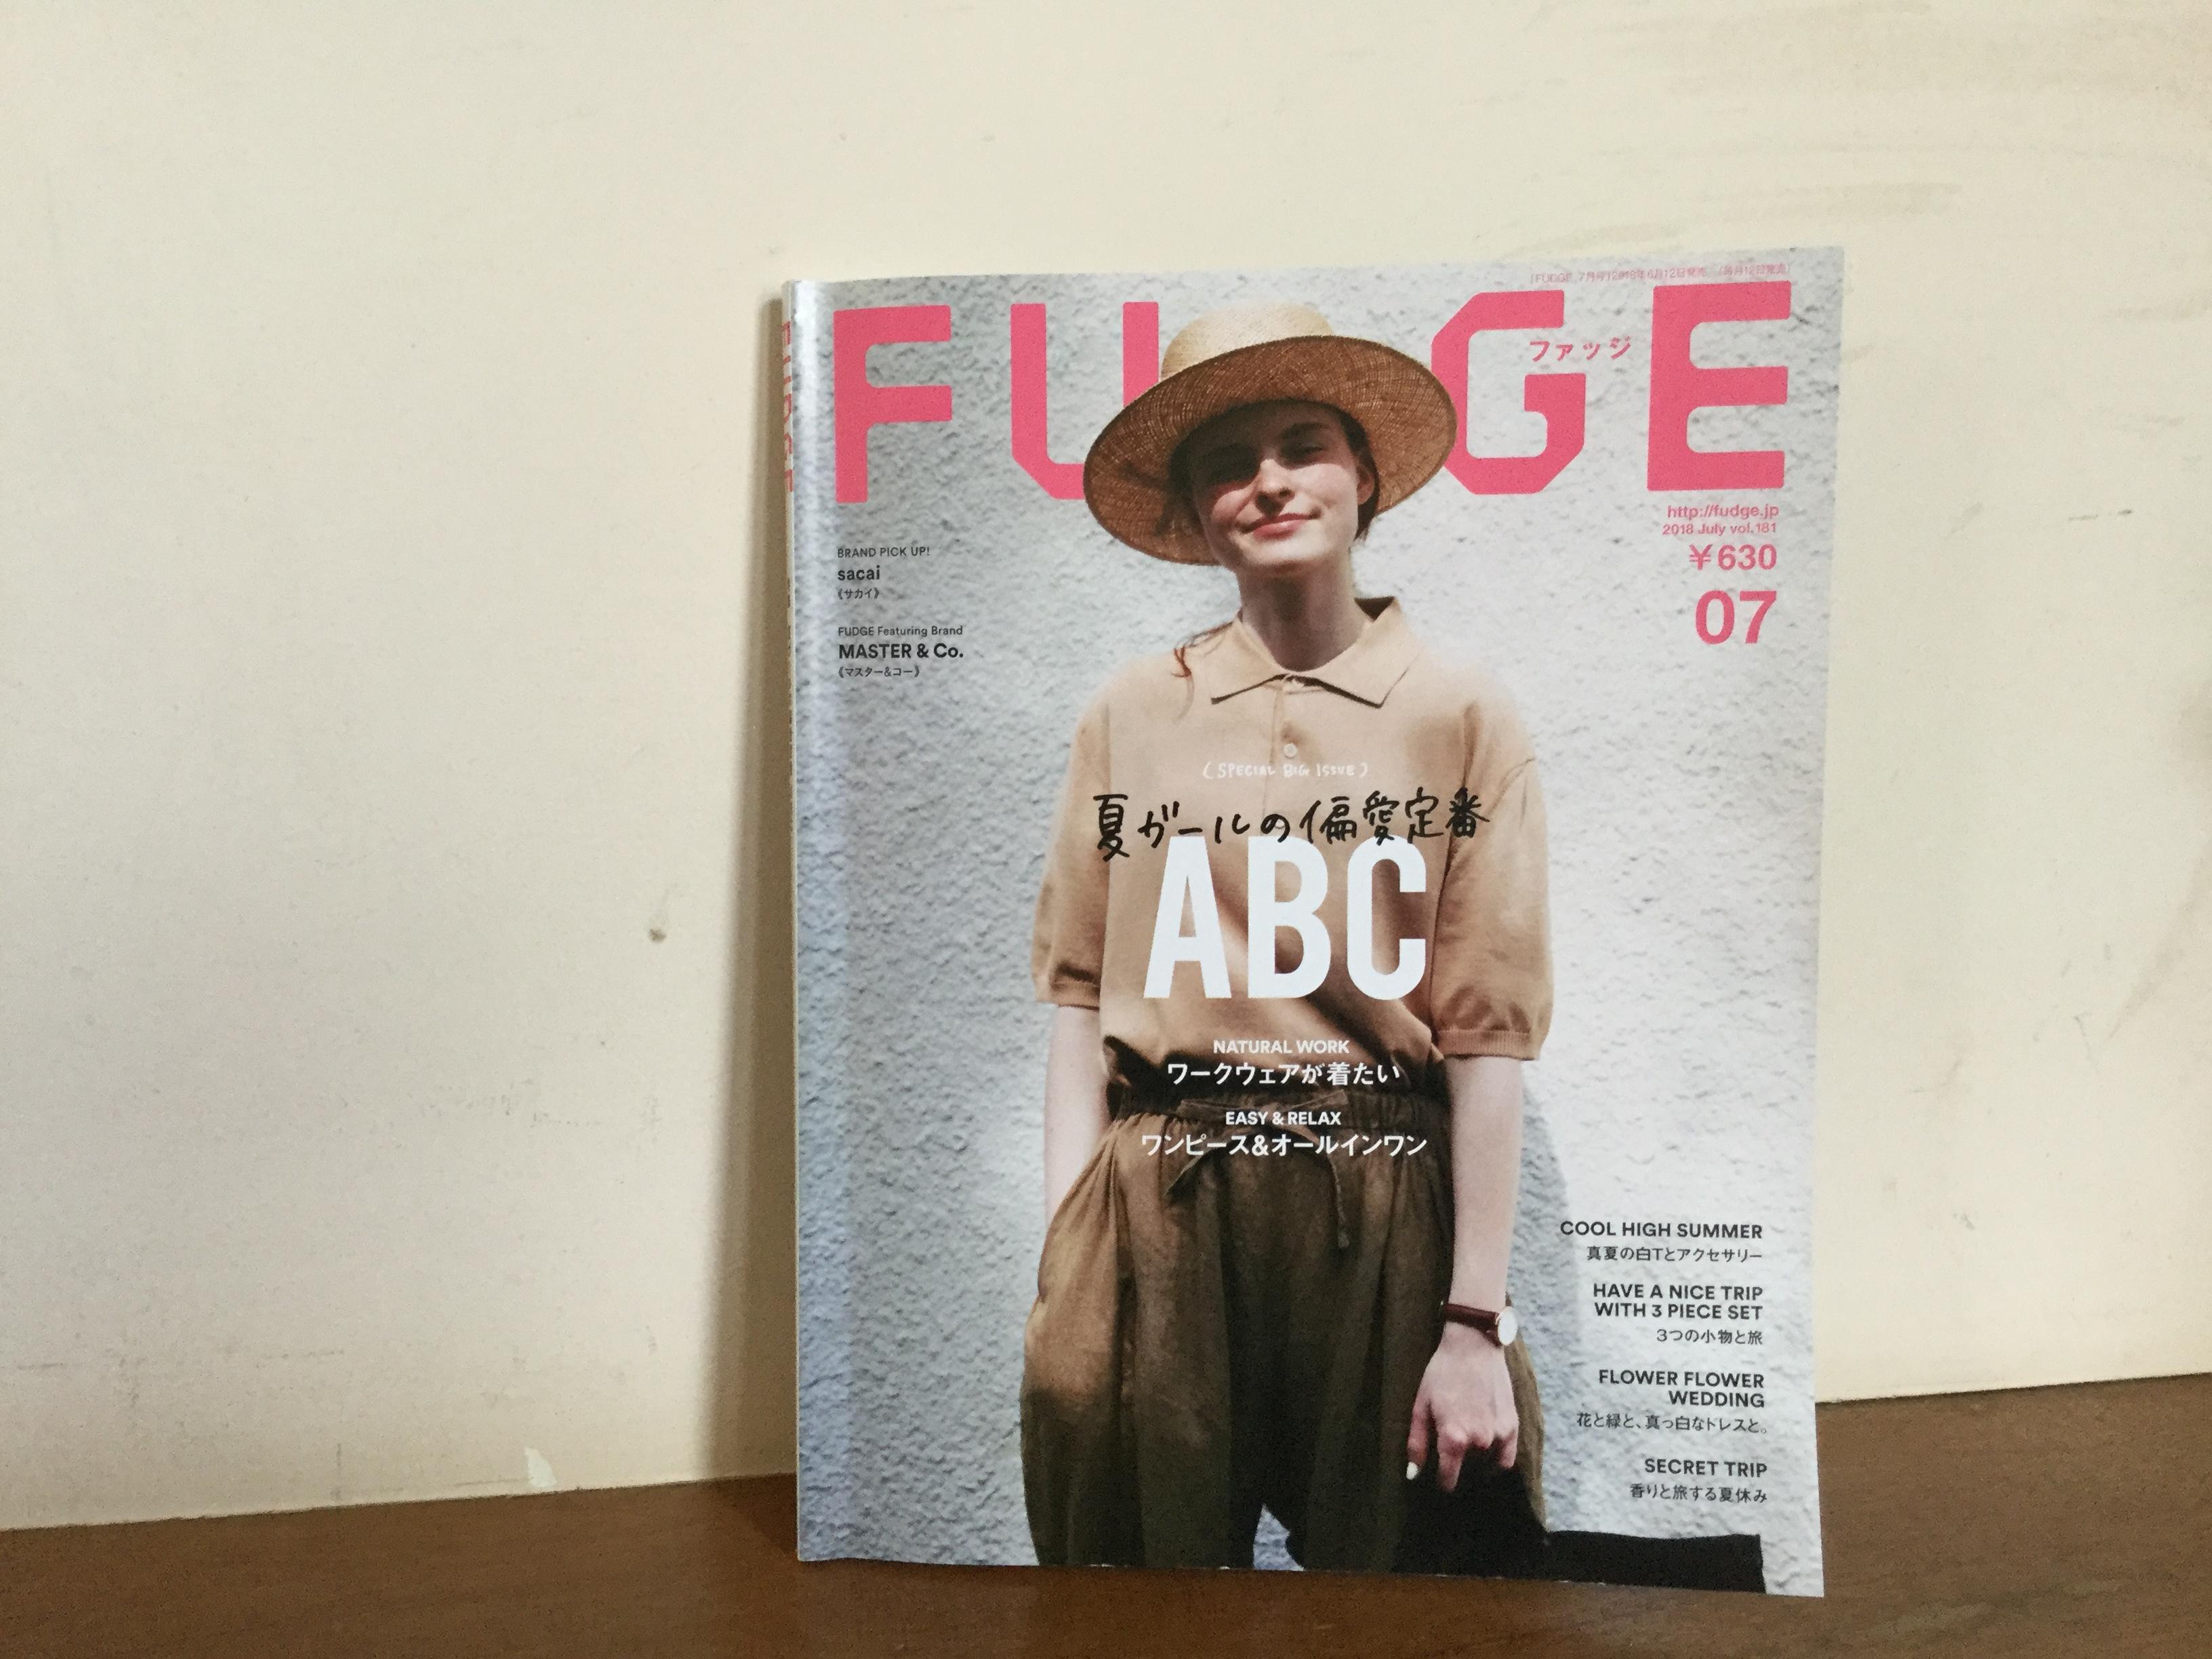 FUDGE7月号に掲載されました。